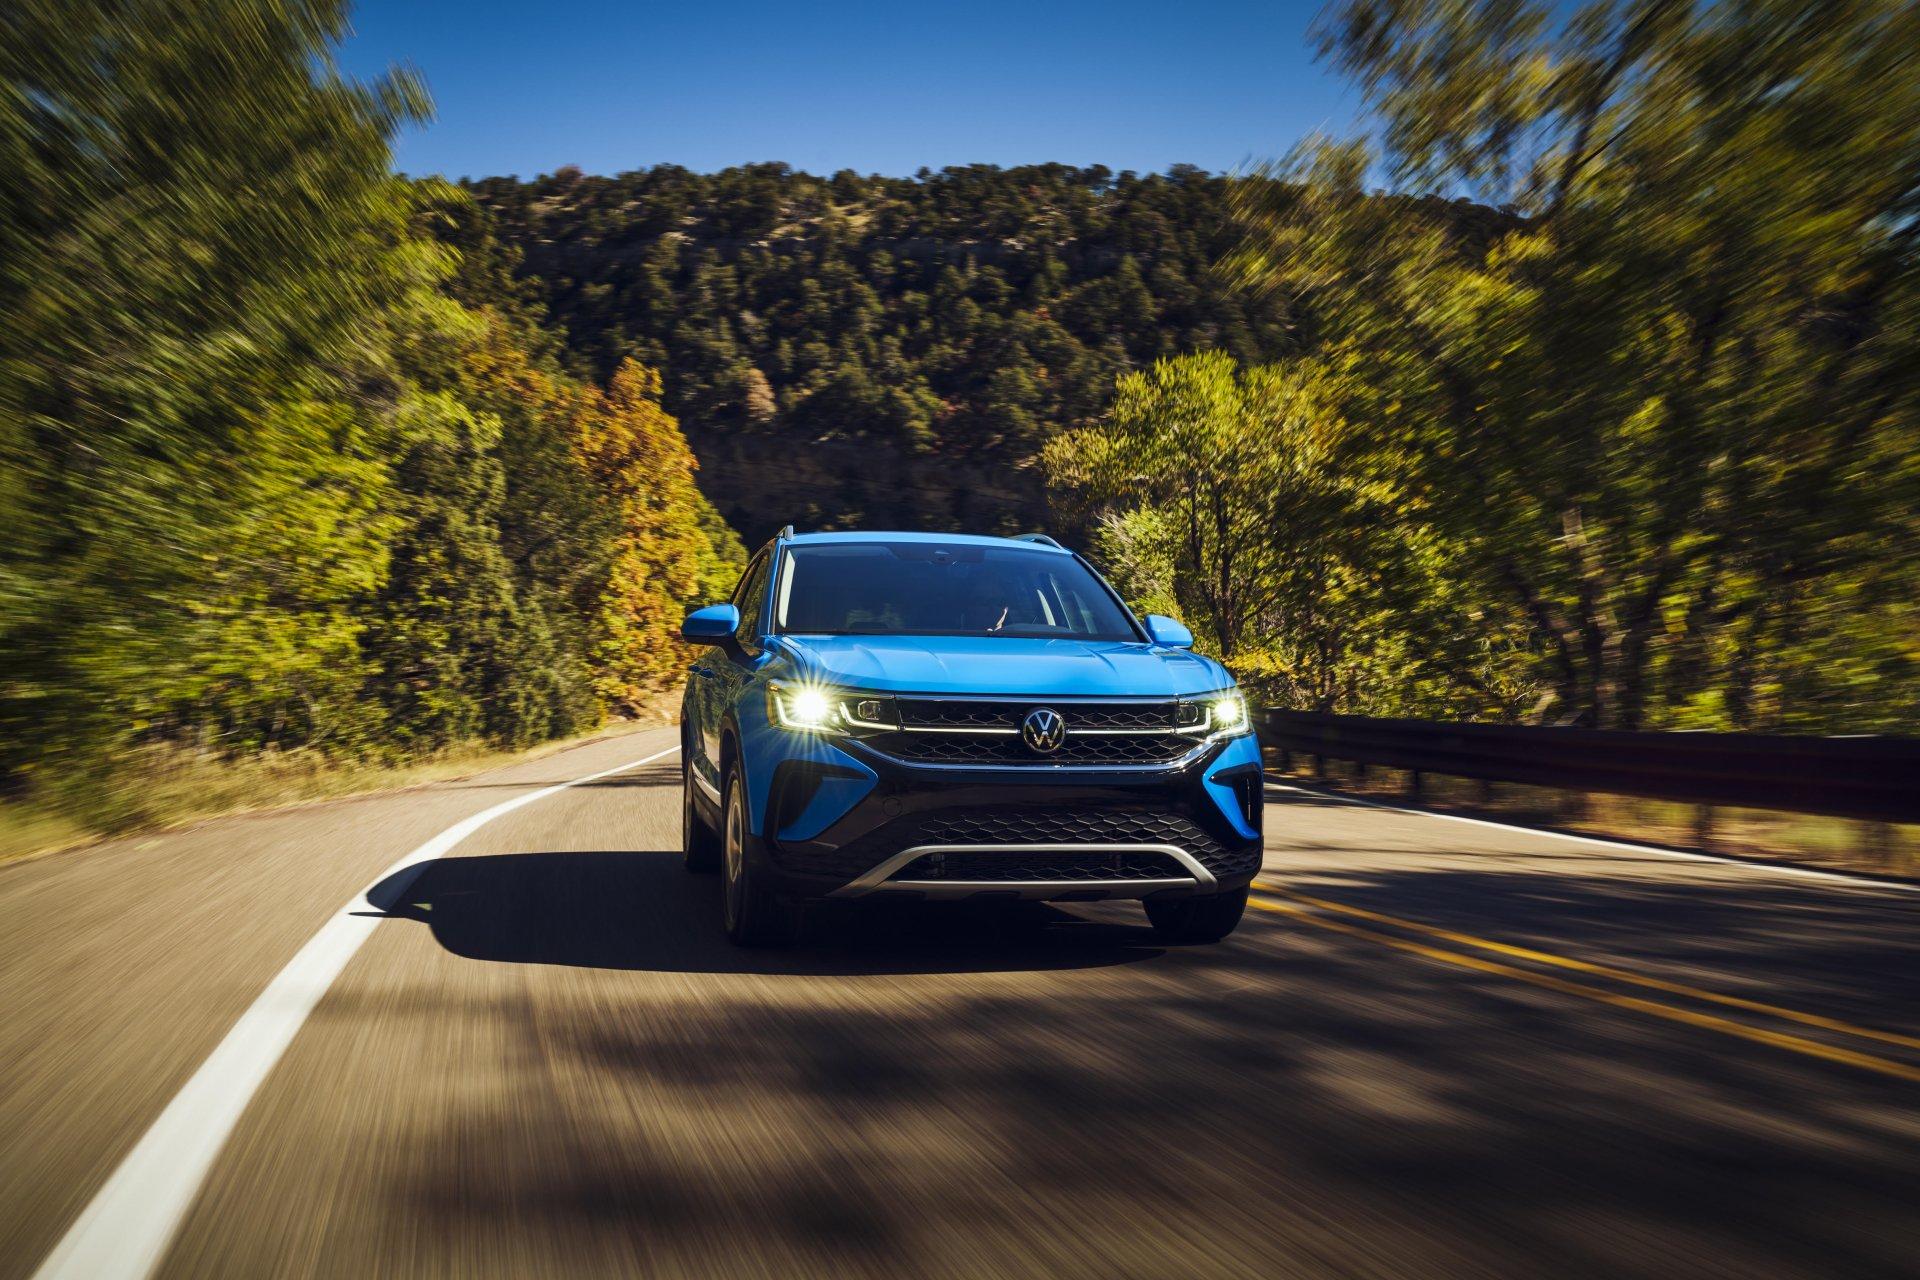 Toyota Corolla levanta suspiros | Atracción360